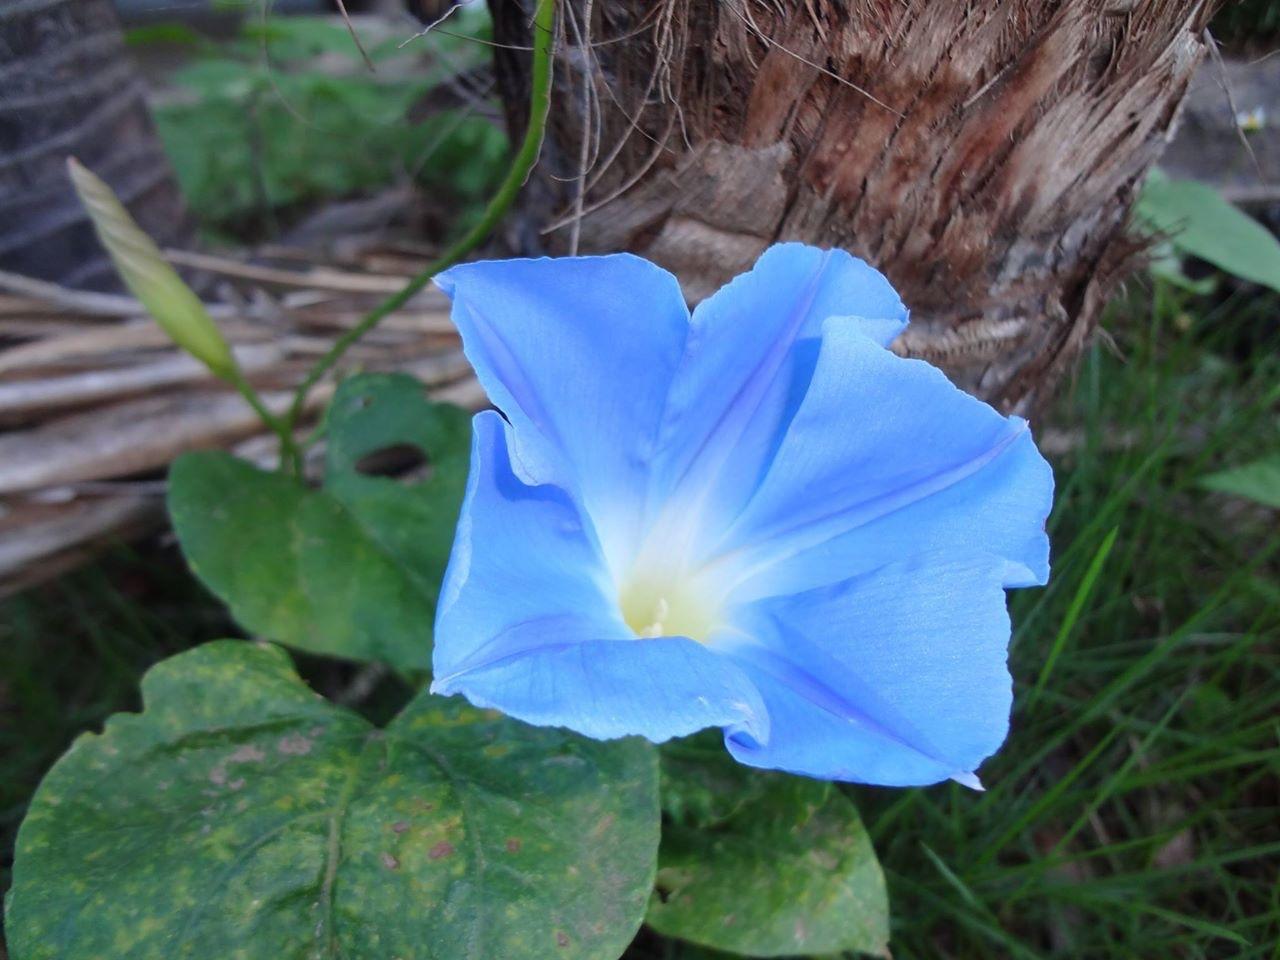 西洋朝顔の「天上の蒼(てんじょうのあお)」の花です。